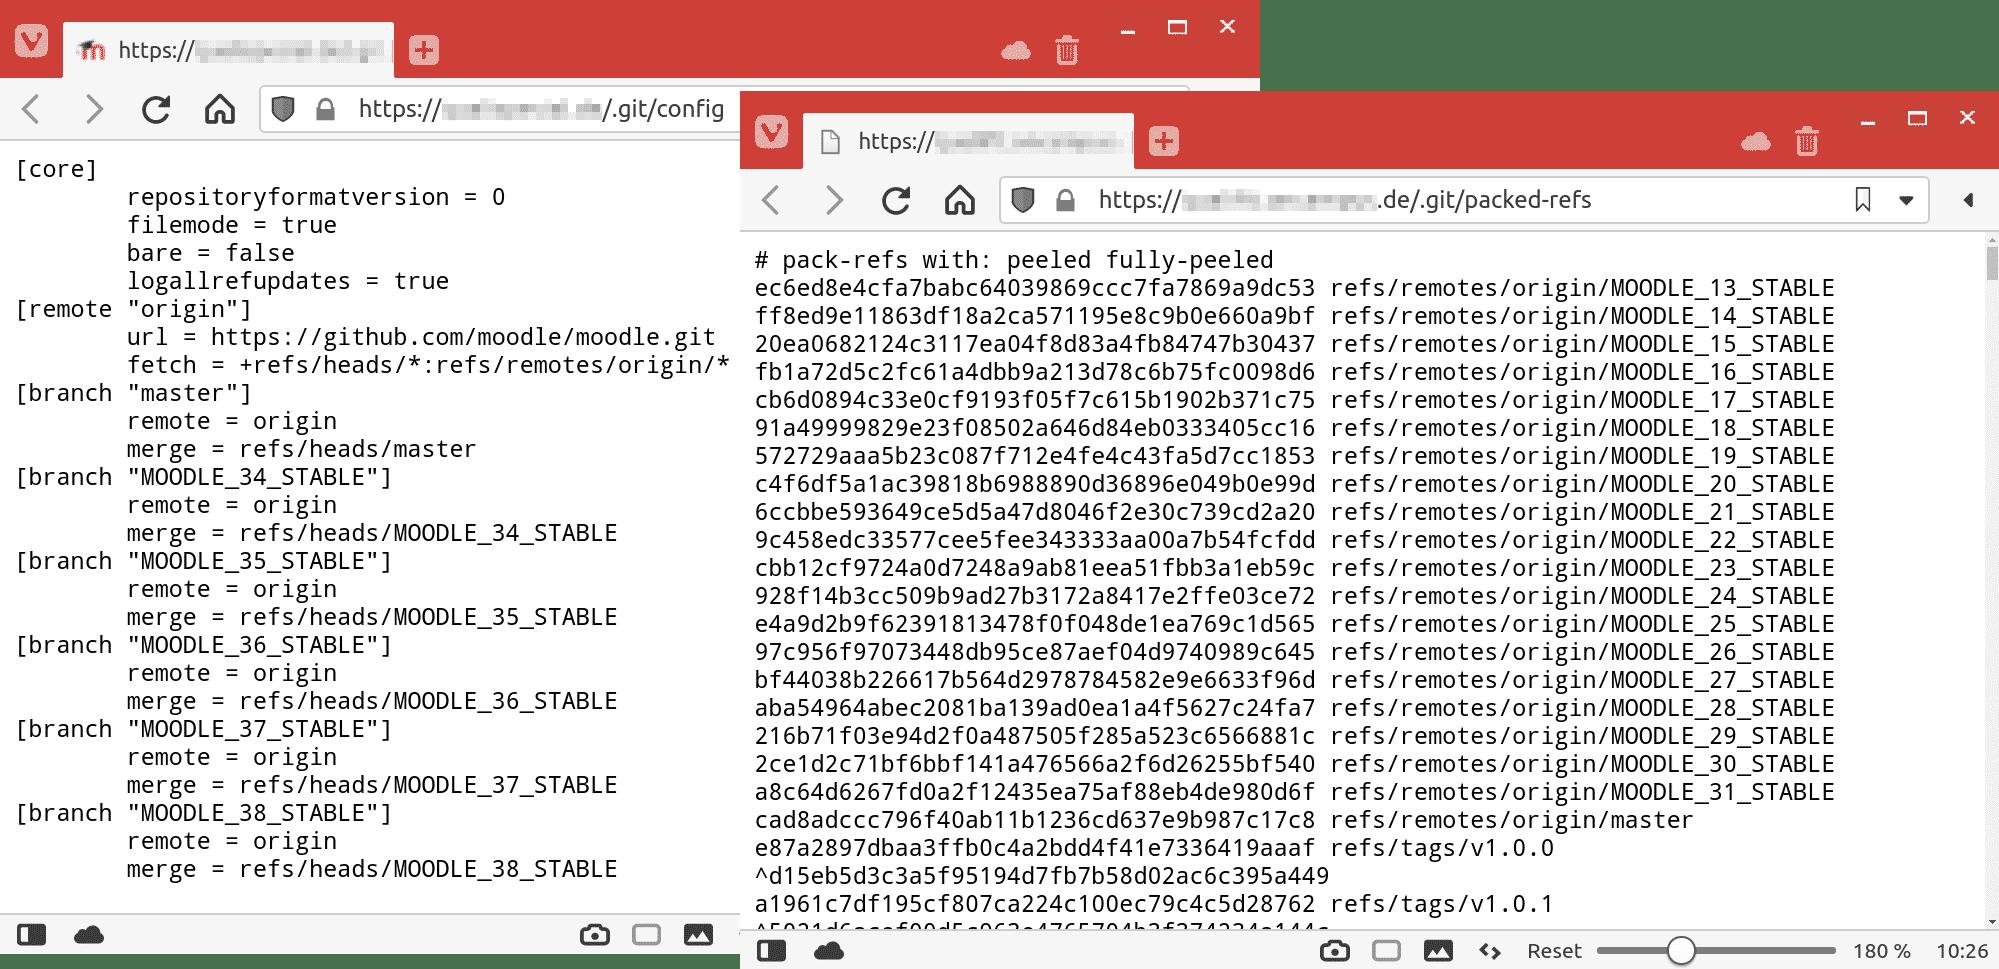 Git-Repositorys per Browser abrufen zu können ist bestenfalls unnötig und schlimmstenfalls eine gravierende Sicherheitslücke.